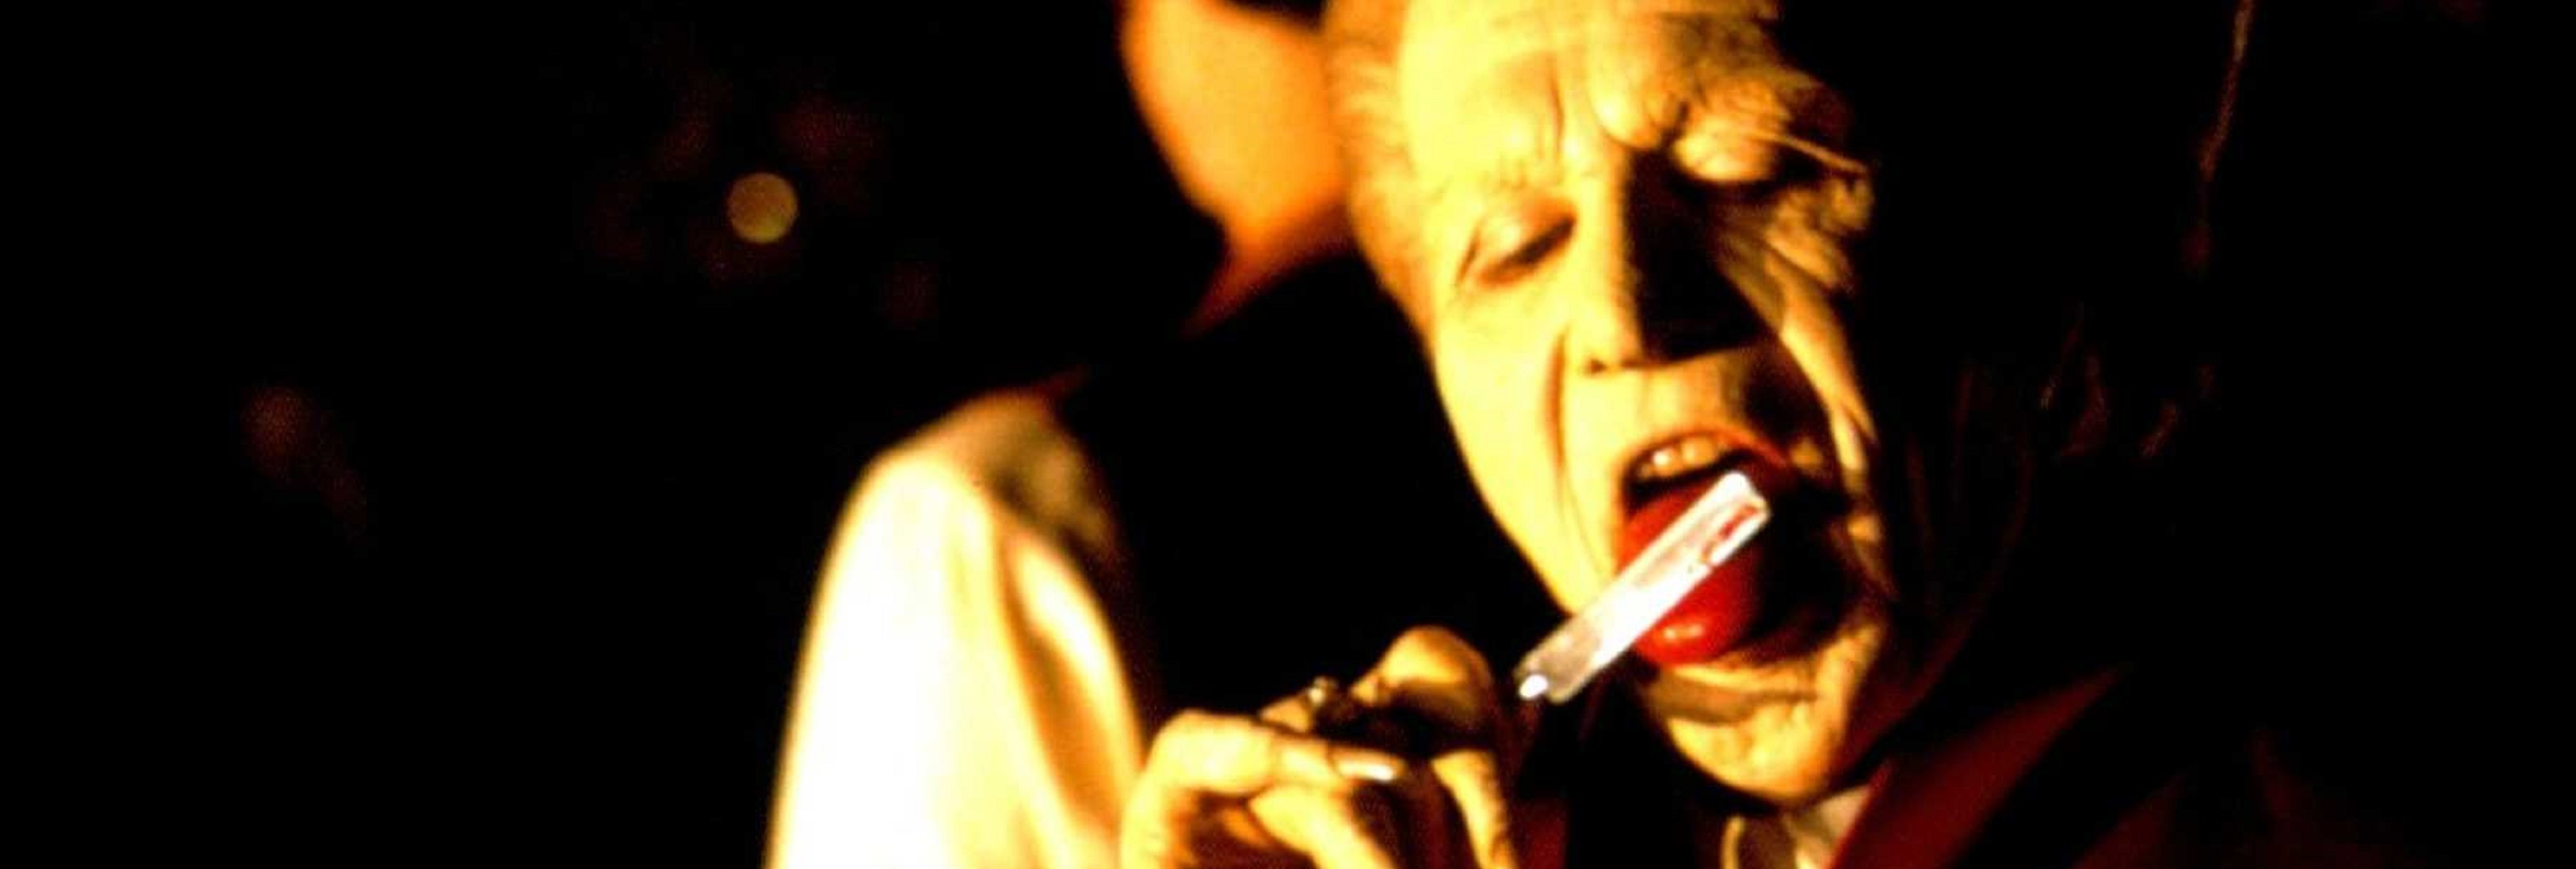 10 curiosidades de 'Drácula de Bram Stoker', la adaptación de culto de Coppola